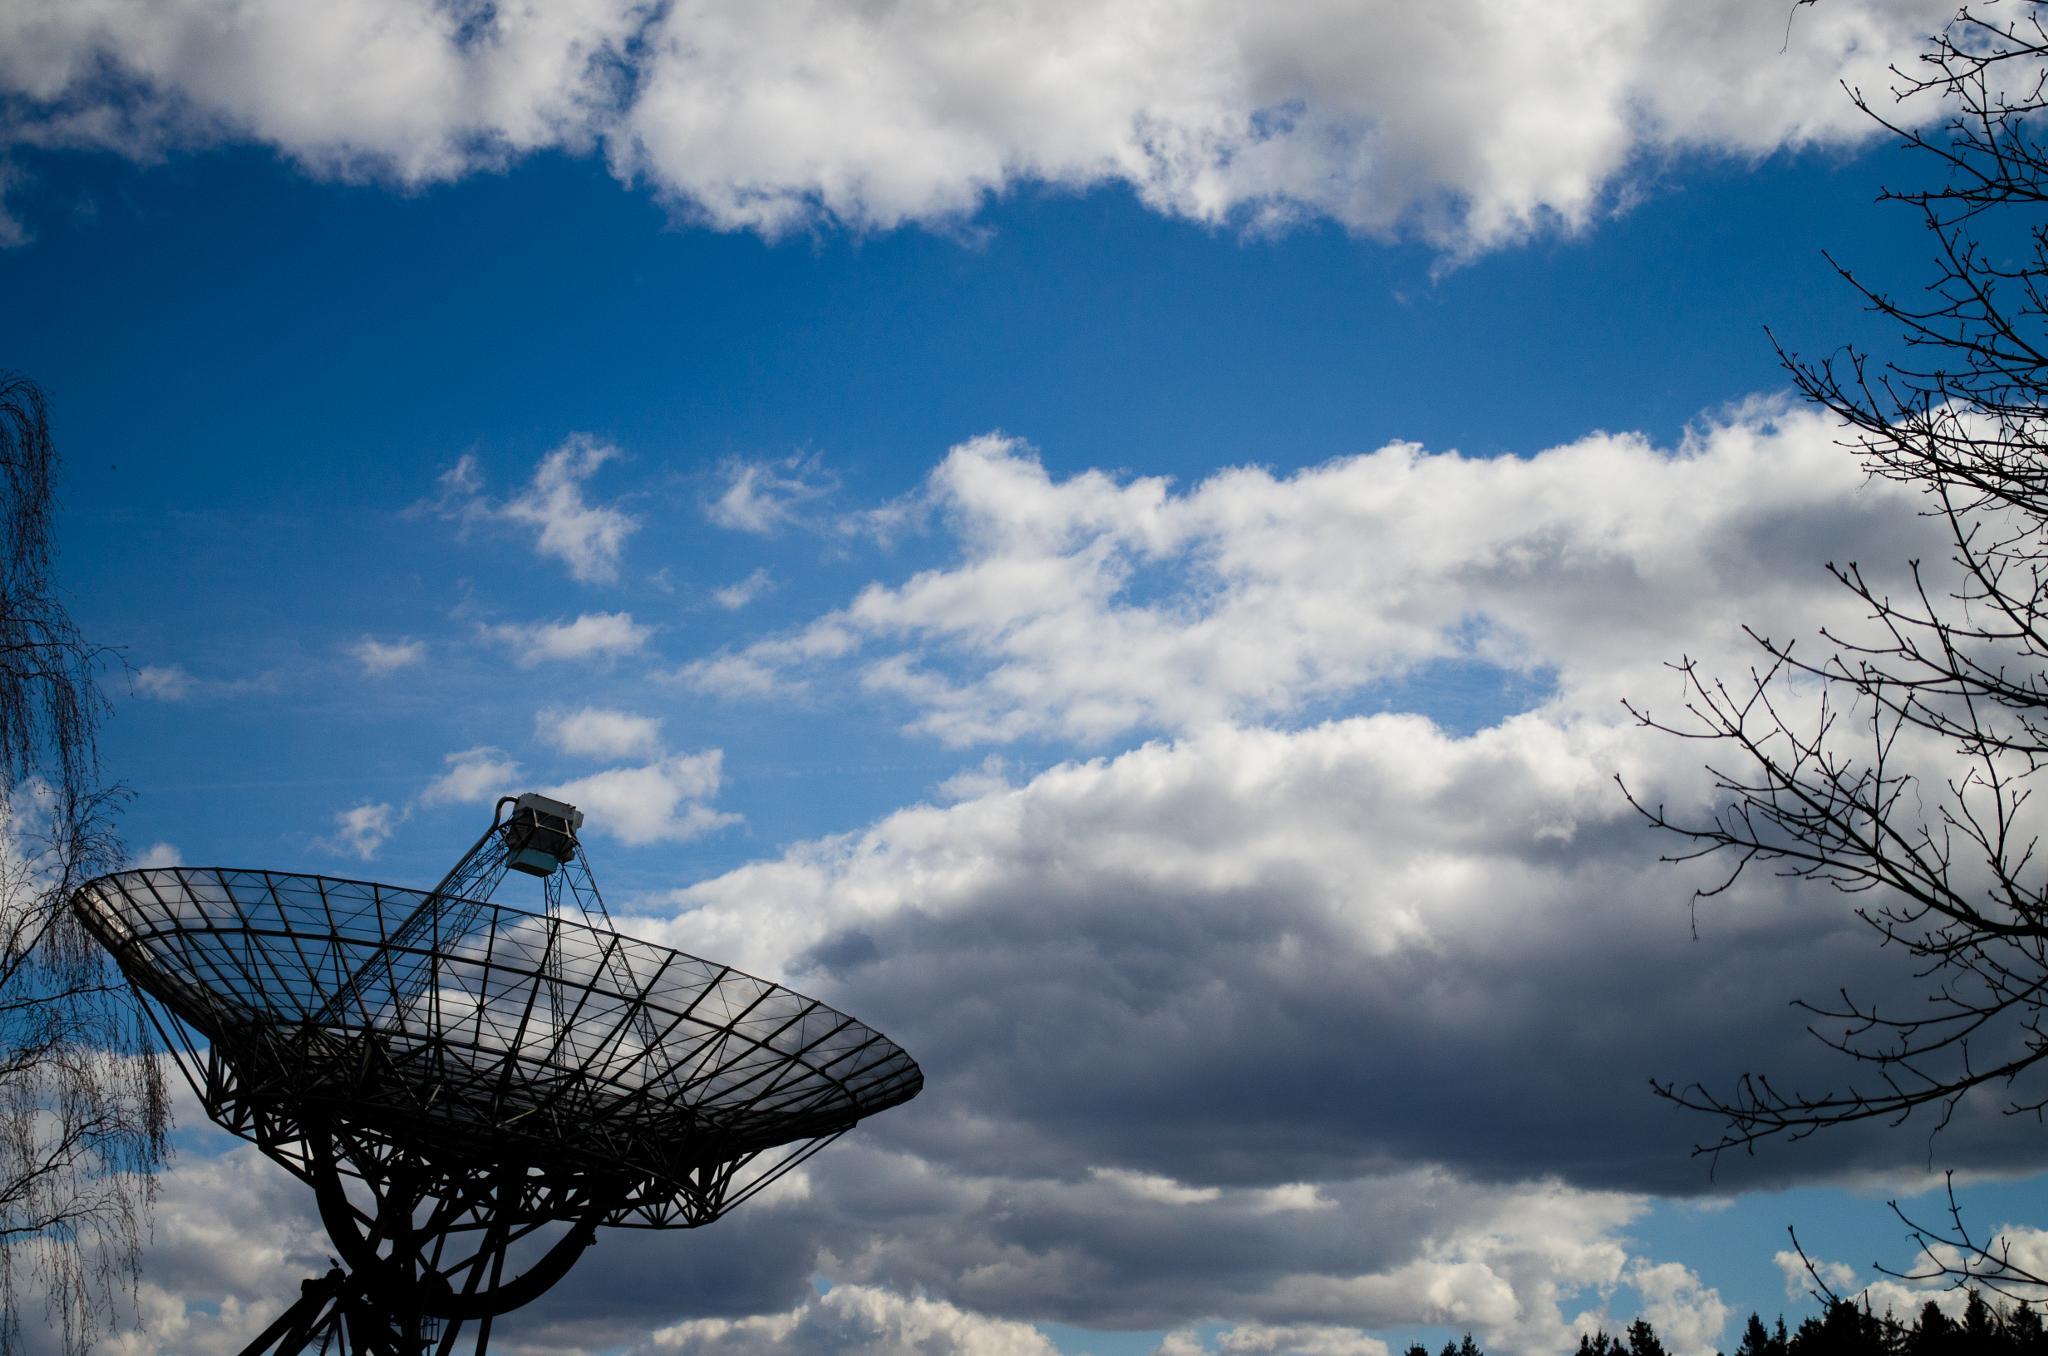 Westerbork Synthesis Radio Telescope (I) by Gerard de Haan